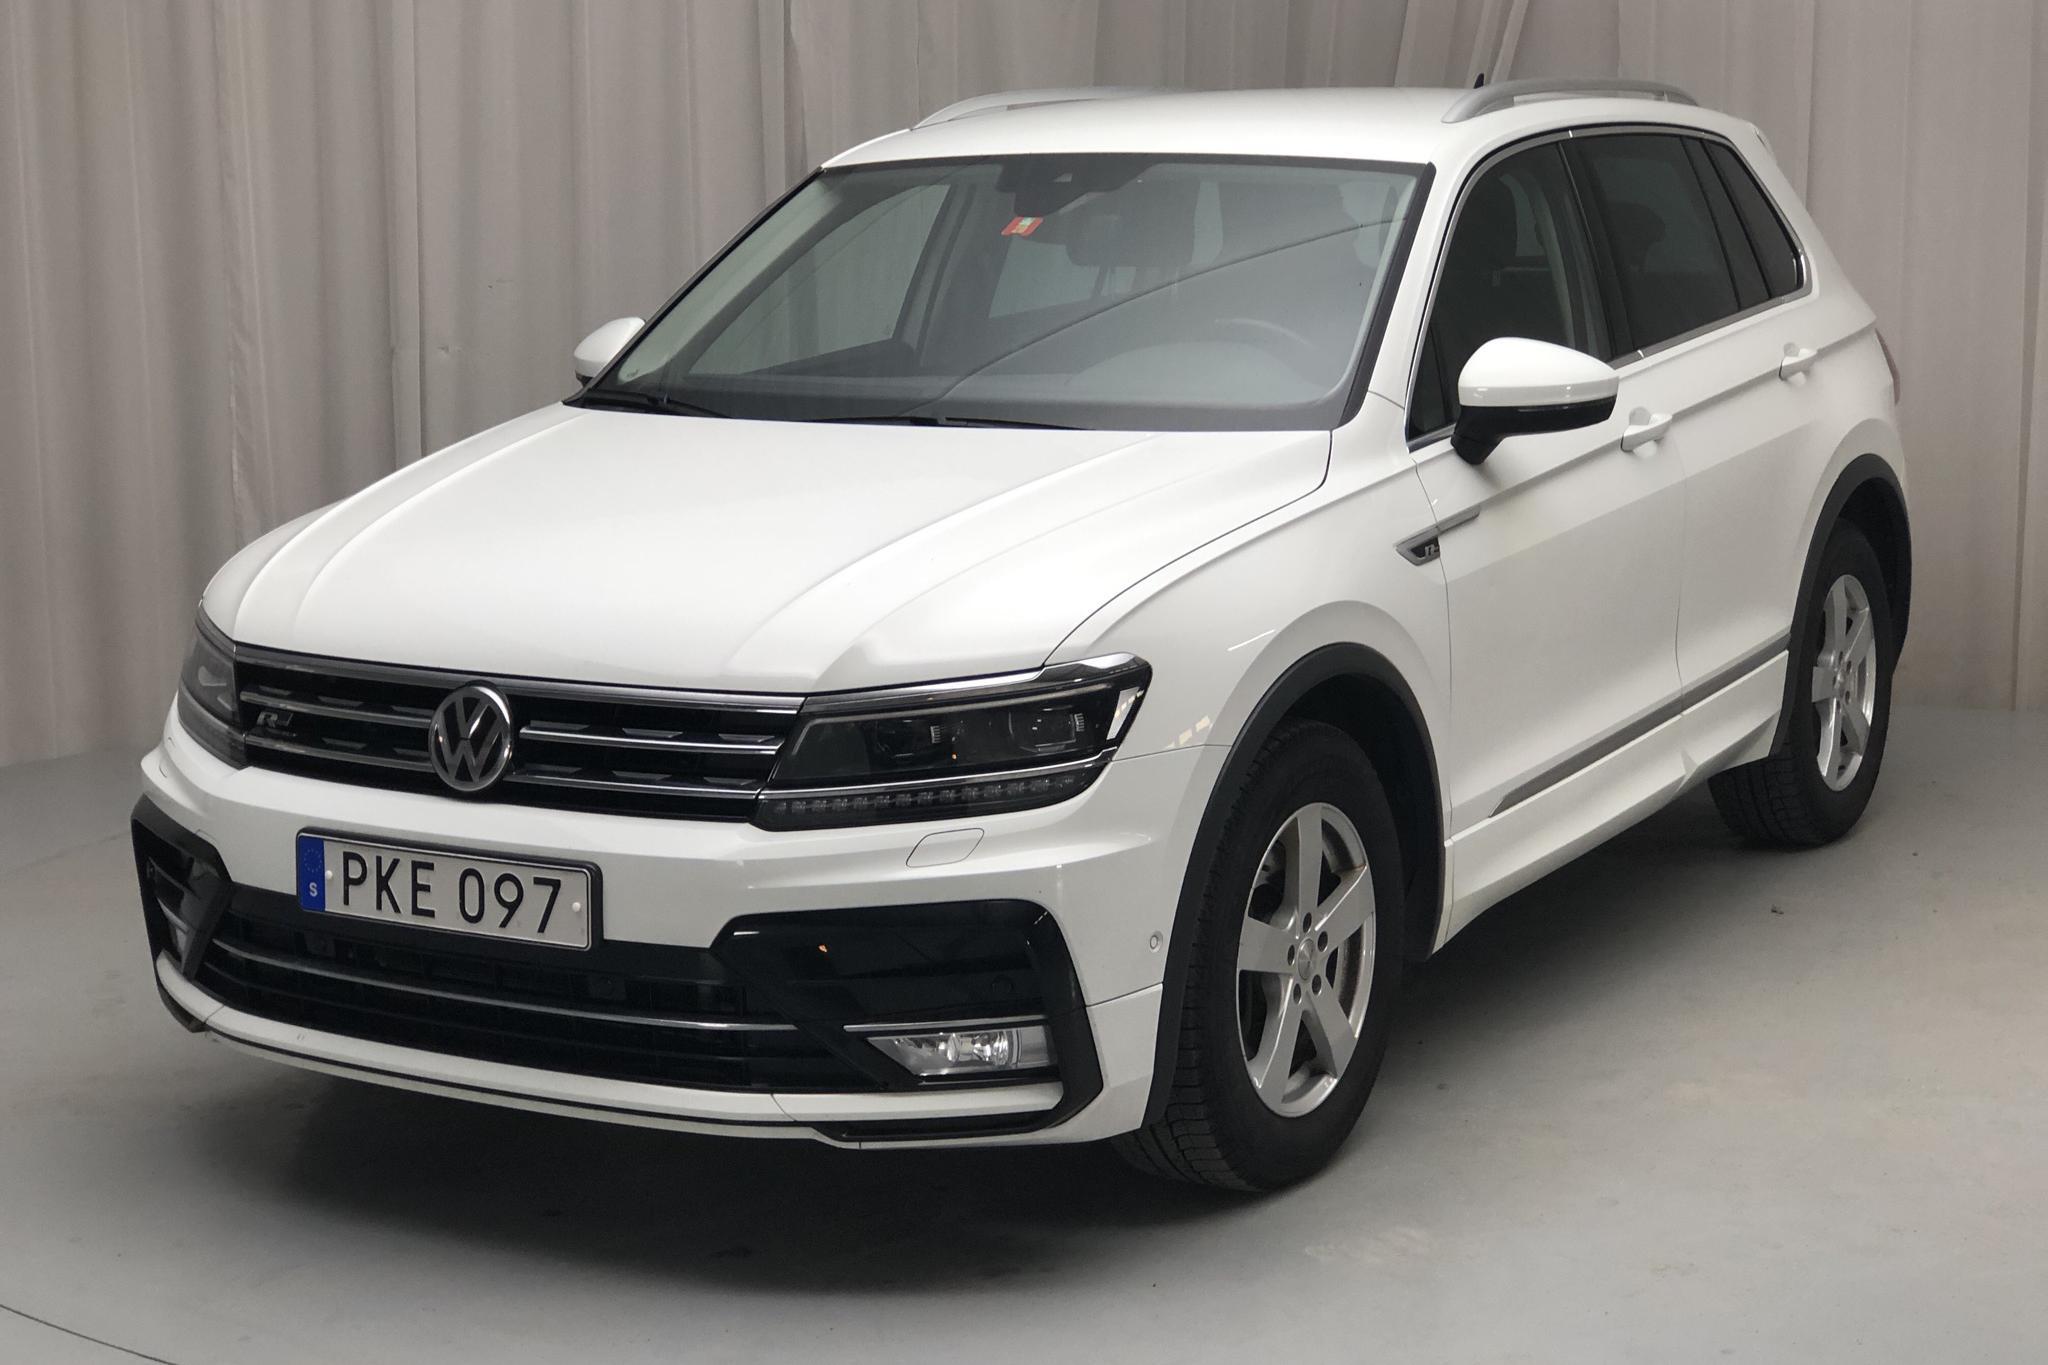 VW Tiguan 2.0 TDI 4MOTION (190hk) - 100 470 km - Automatic - white - 2017